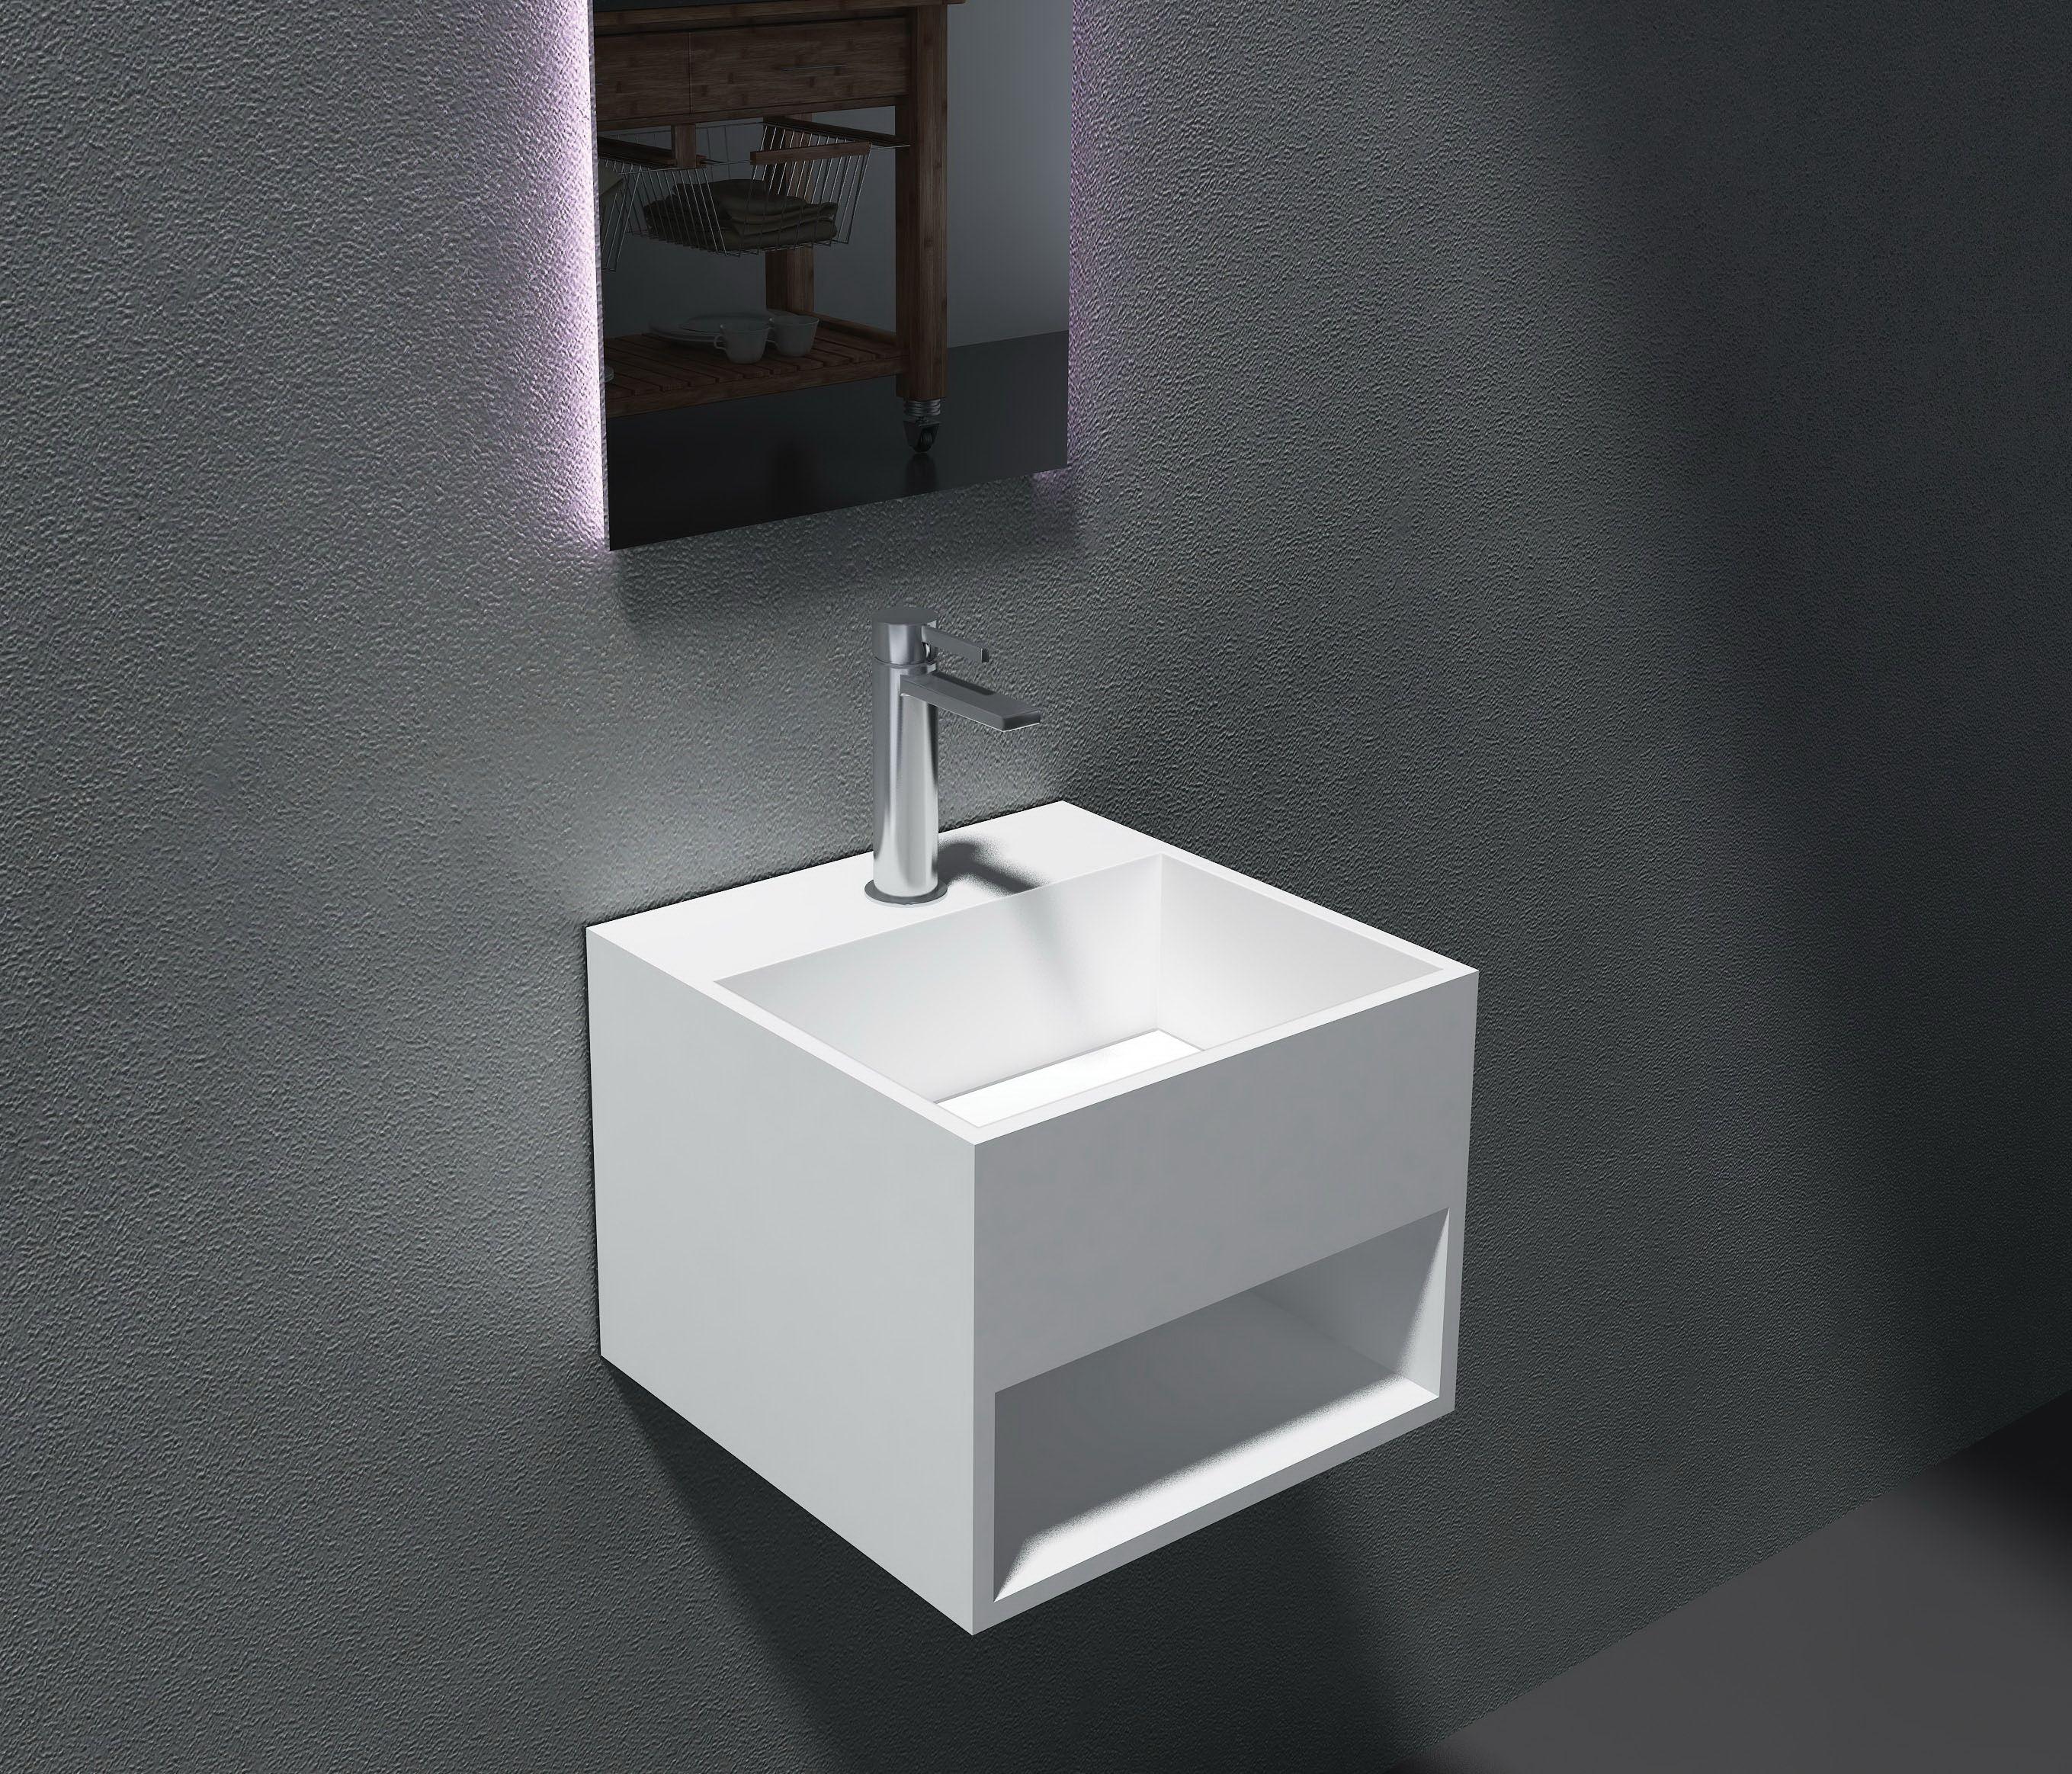 Wc Wandwaschbecken Beispiele Dk9 In 2020 Waschbecken Waschtisch Moderne Waschbecken